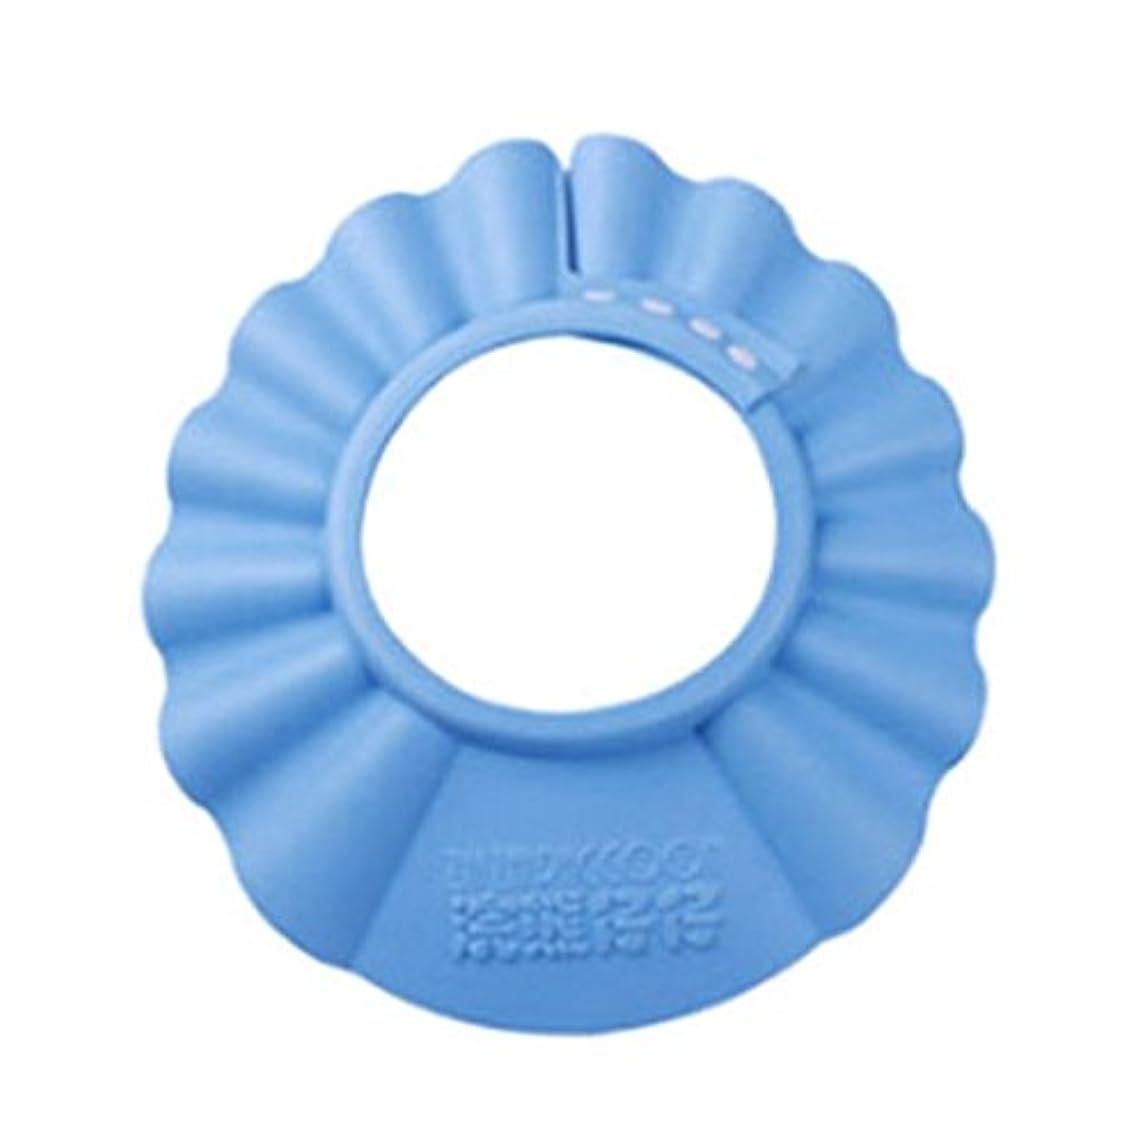 大腿累積スキーDavcor Moring シャンプーハット 子供 洗髪用帽子 樹脂 サイズ 調整可能 お風呂 防水帽 水漏れない全3色 (ブルー )